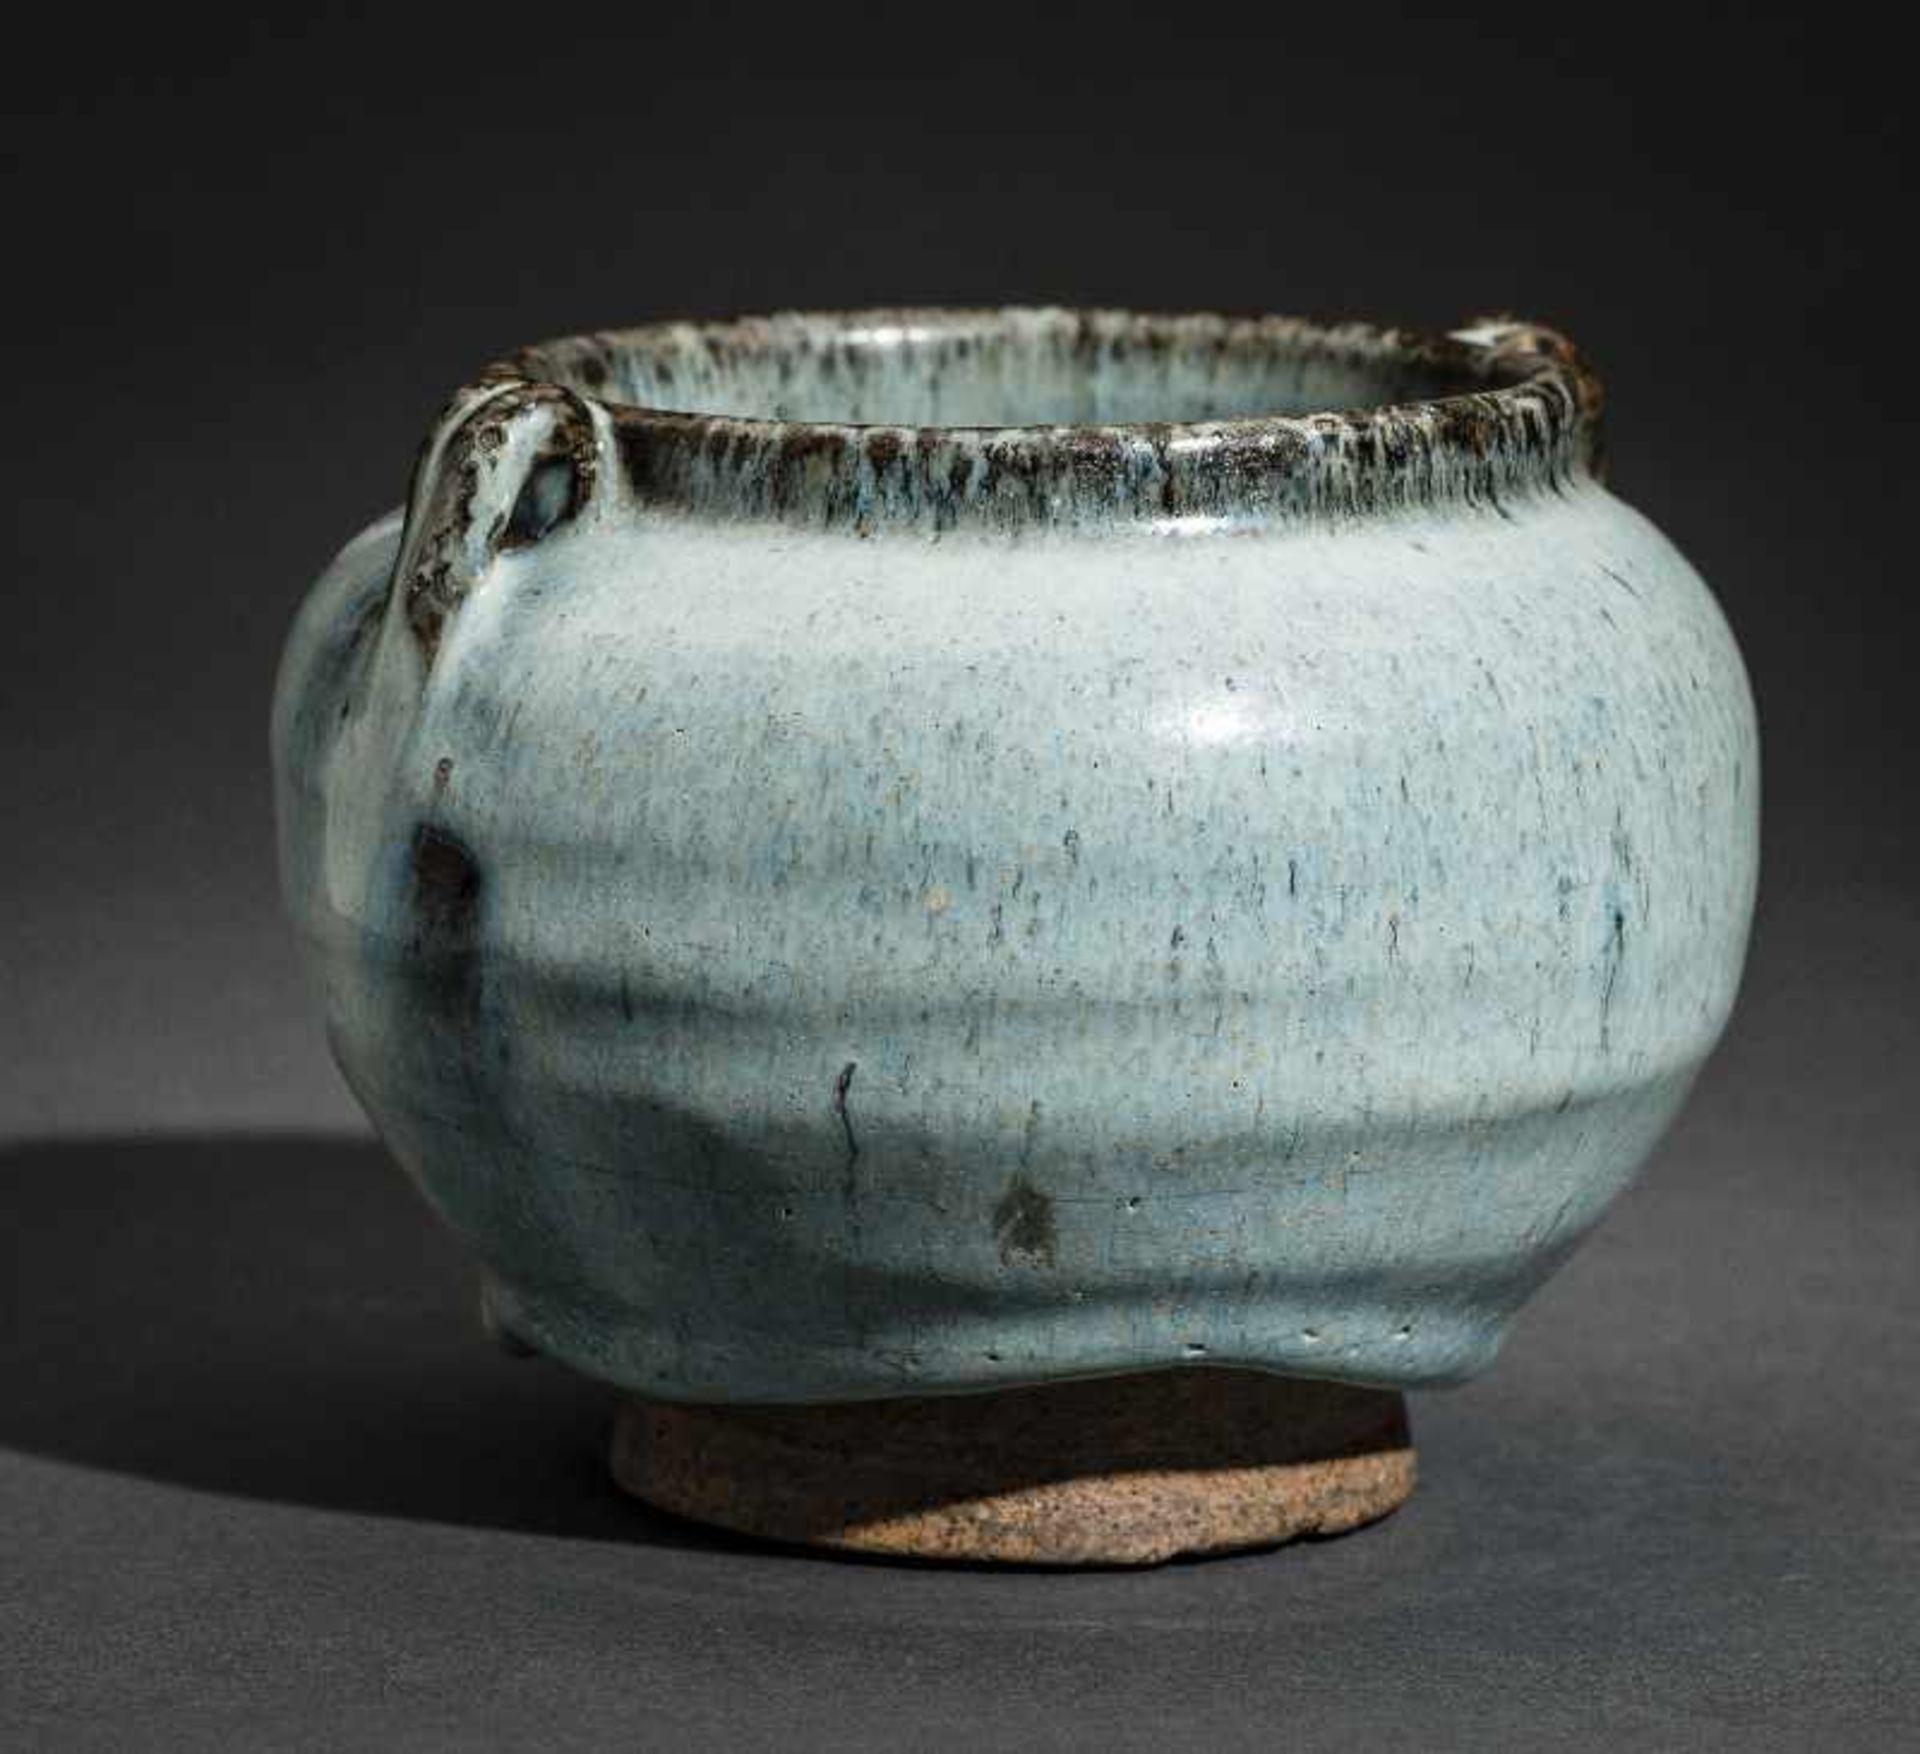 SCHULTERTOPF JUNYAO Glasierte Keramik. China, Yuan bis Ming, ca. 14. bis 15. Jh. Sehr - Image 5 of 8